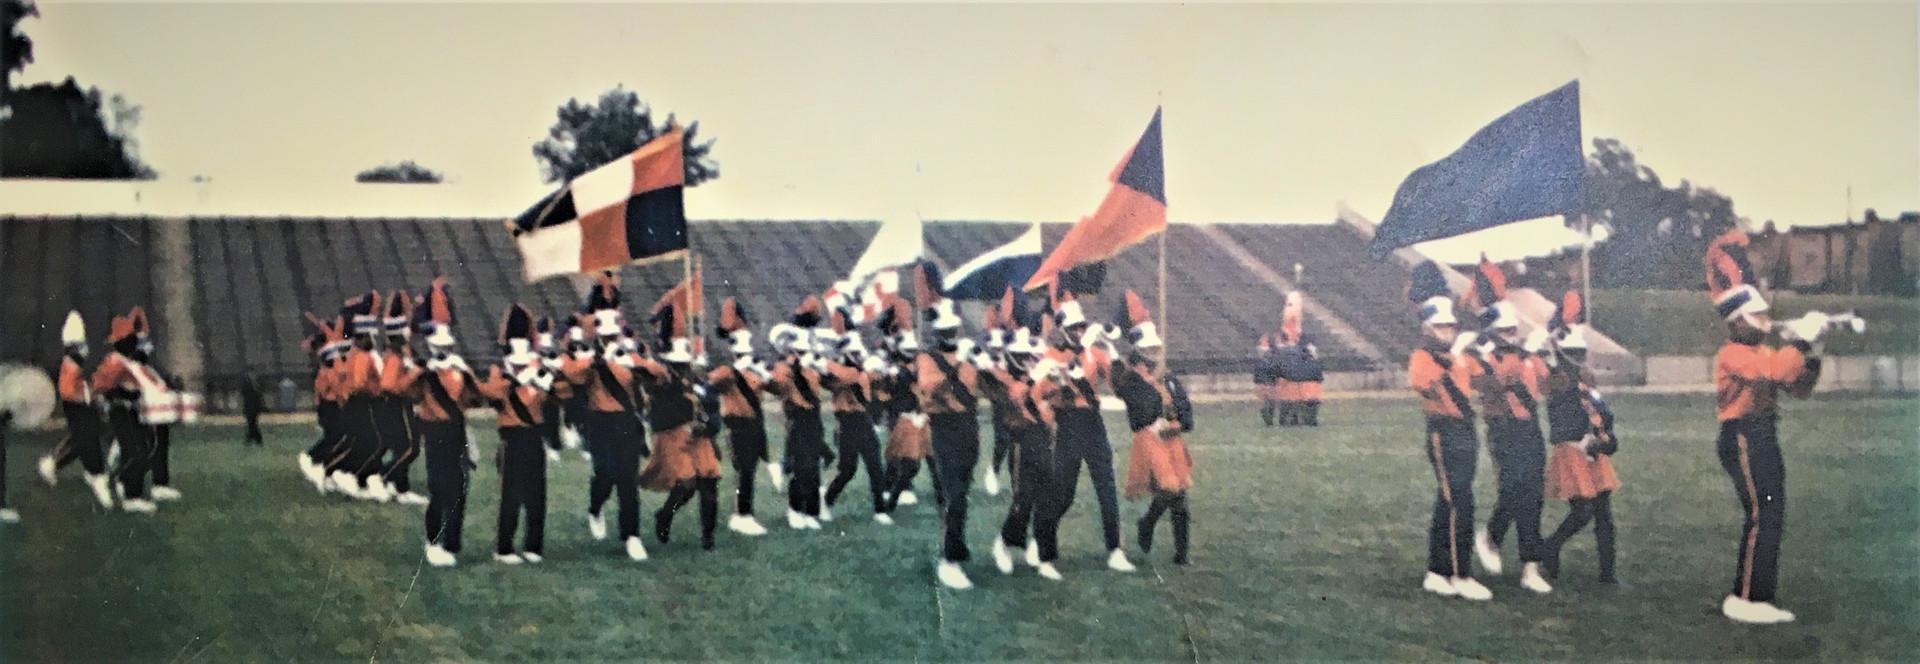 Corps Performing.JPG